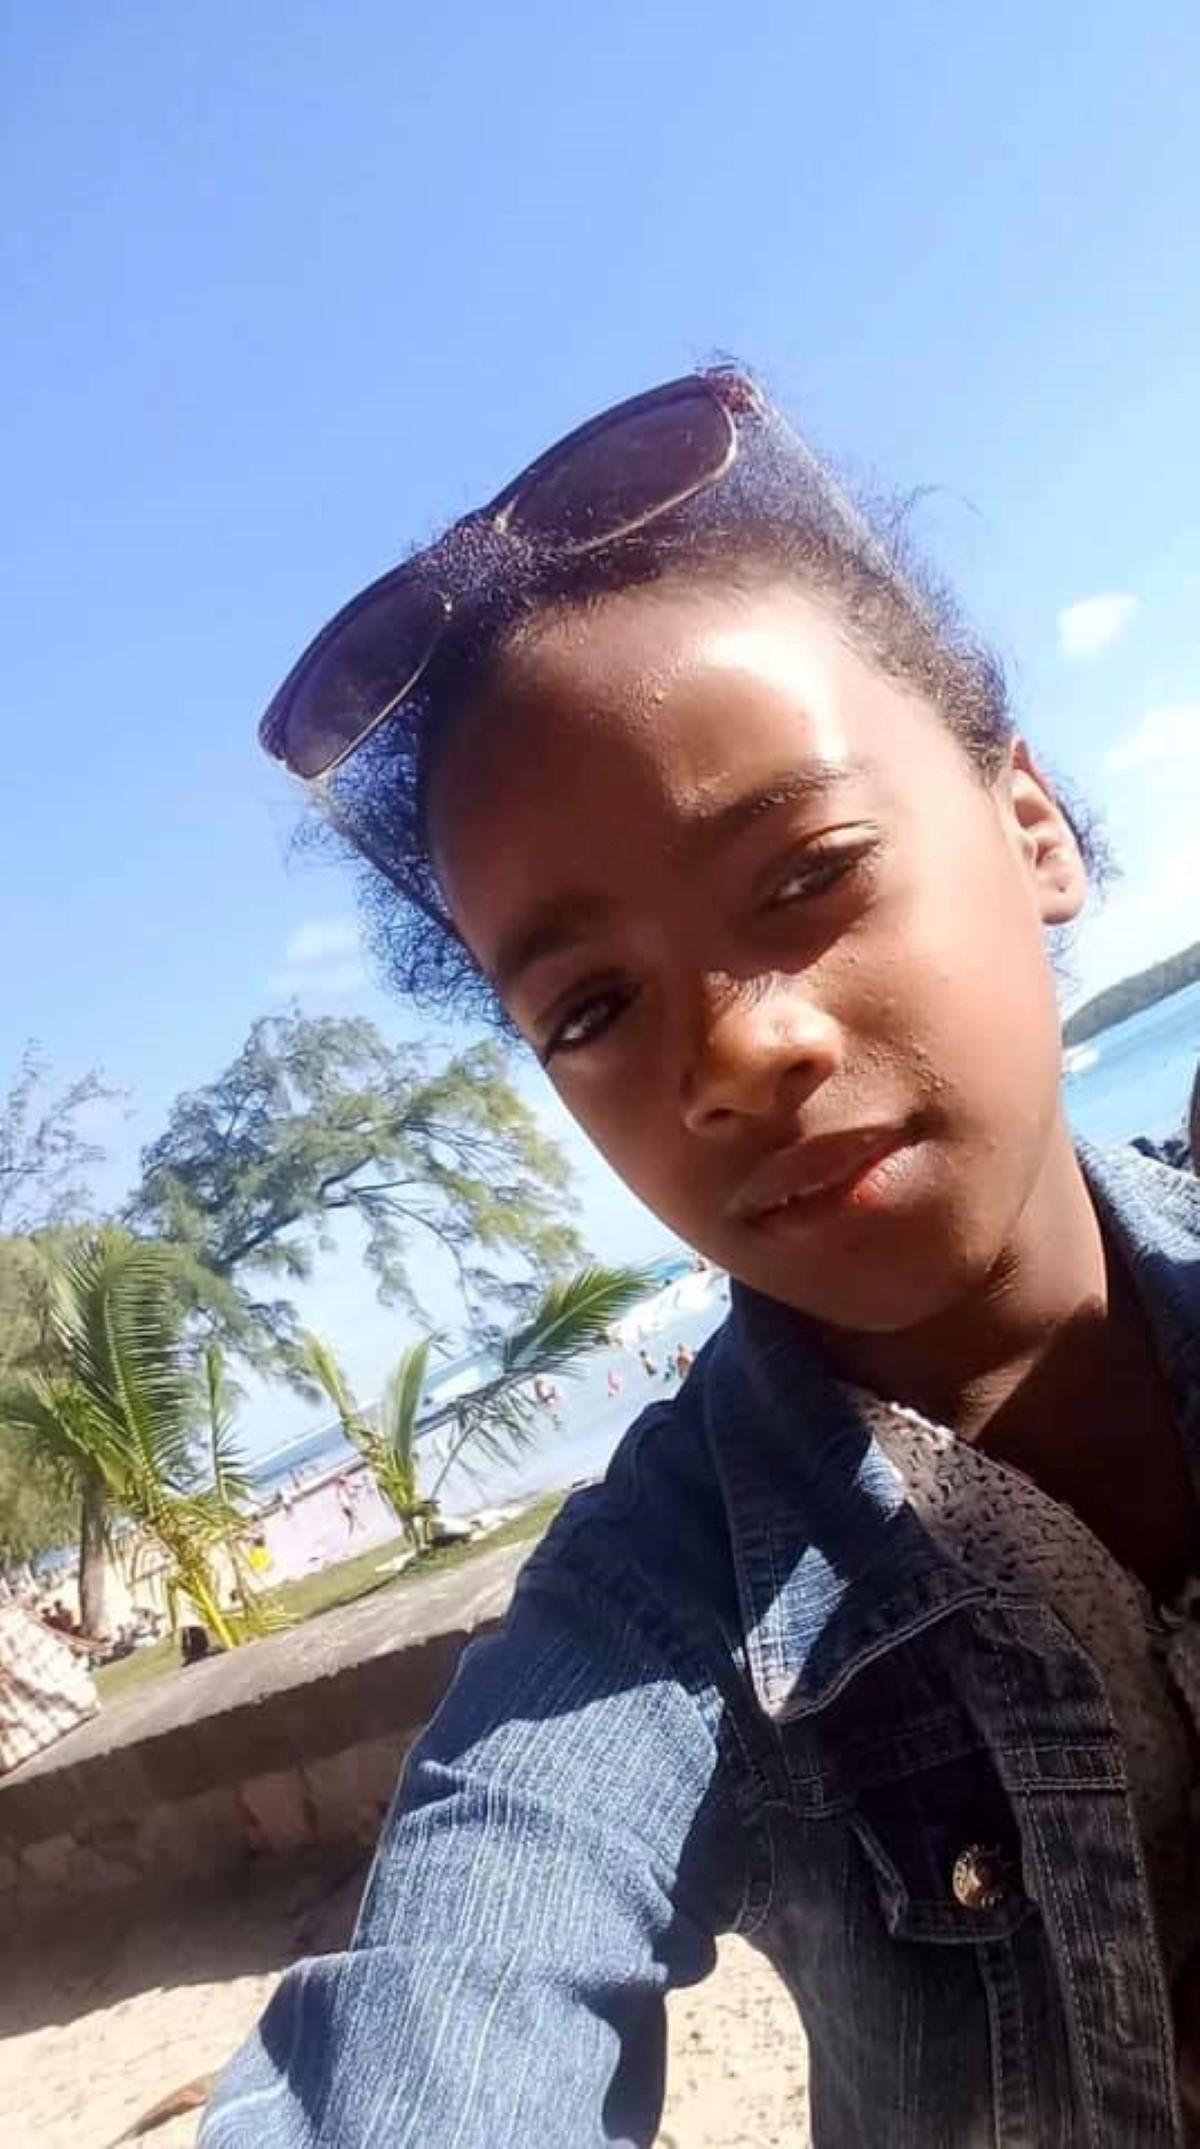 Cité Ste-Catherine, St-Pierre : Forte mobilisation pour retrouver Christabelle âgée de 8 ans portée disparue